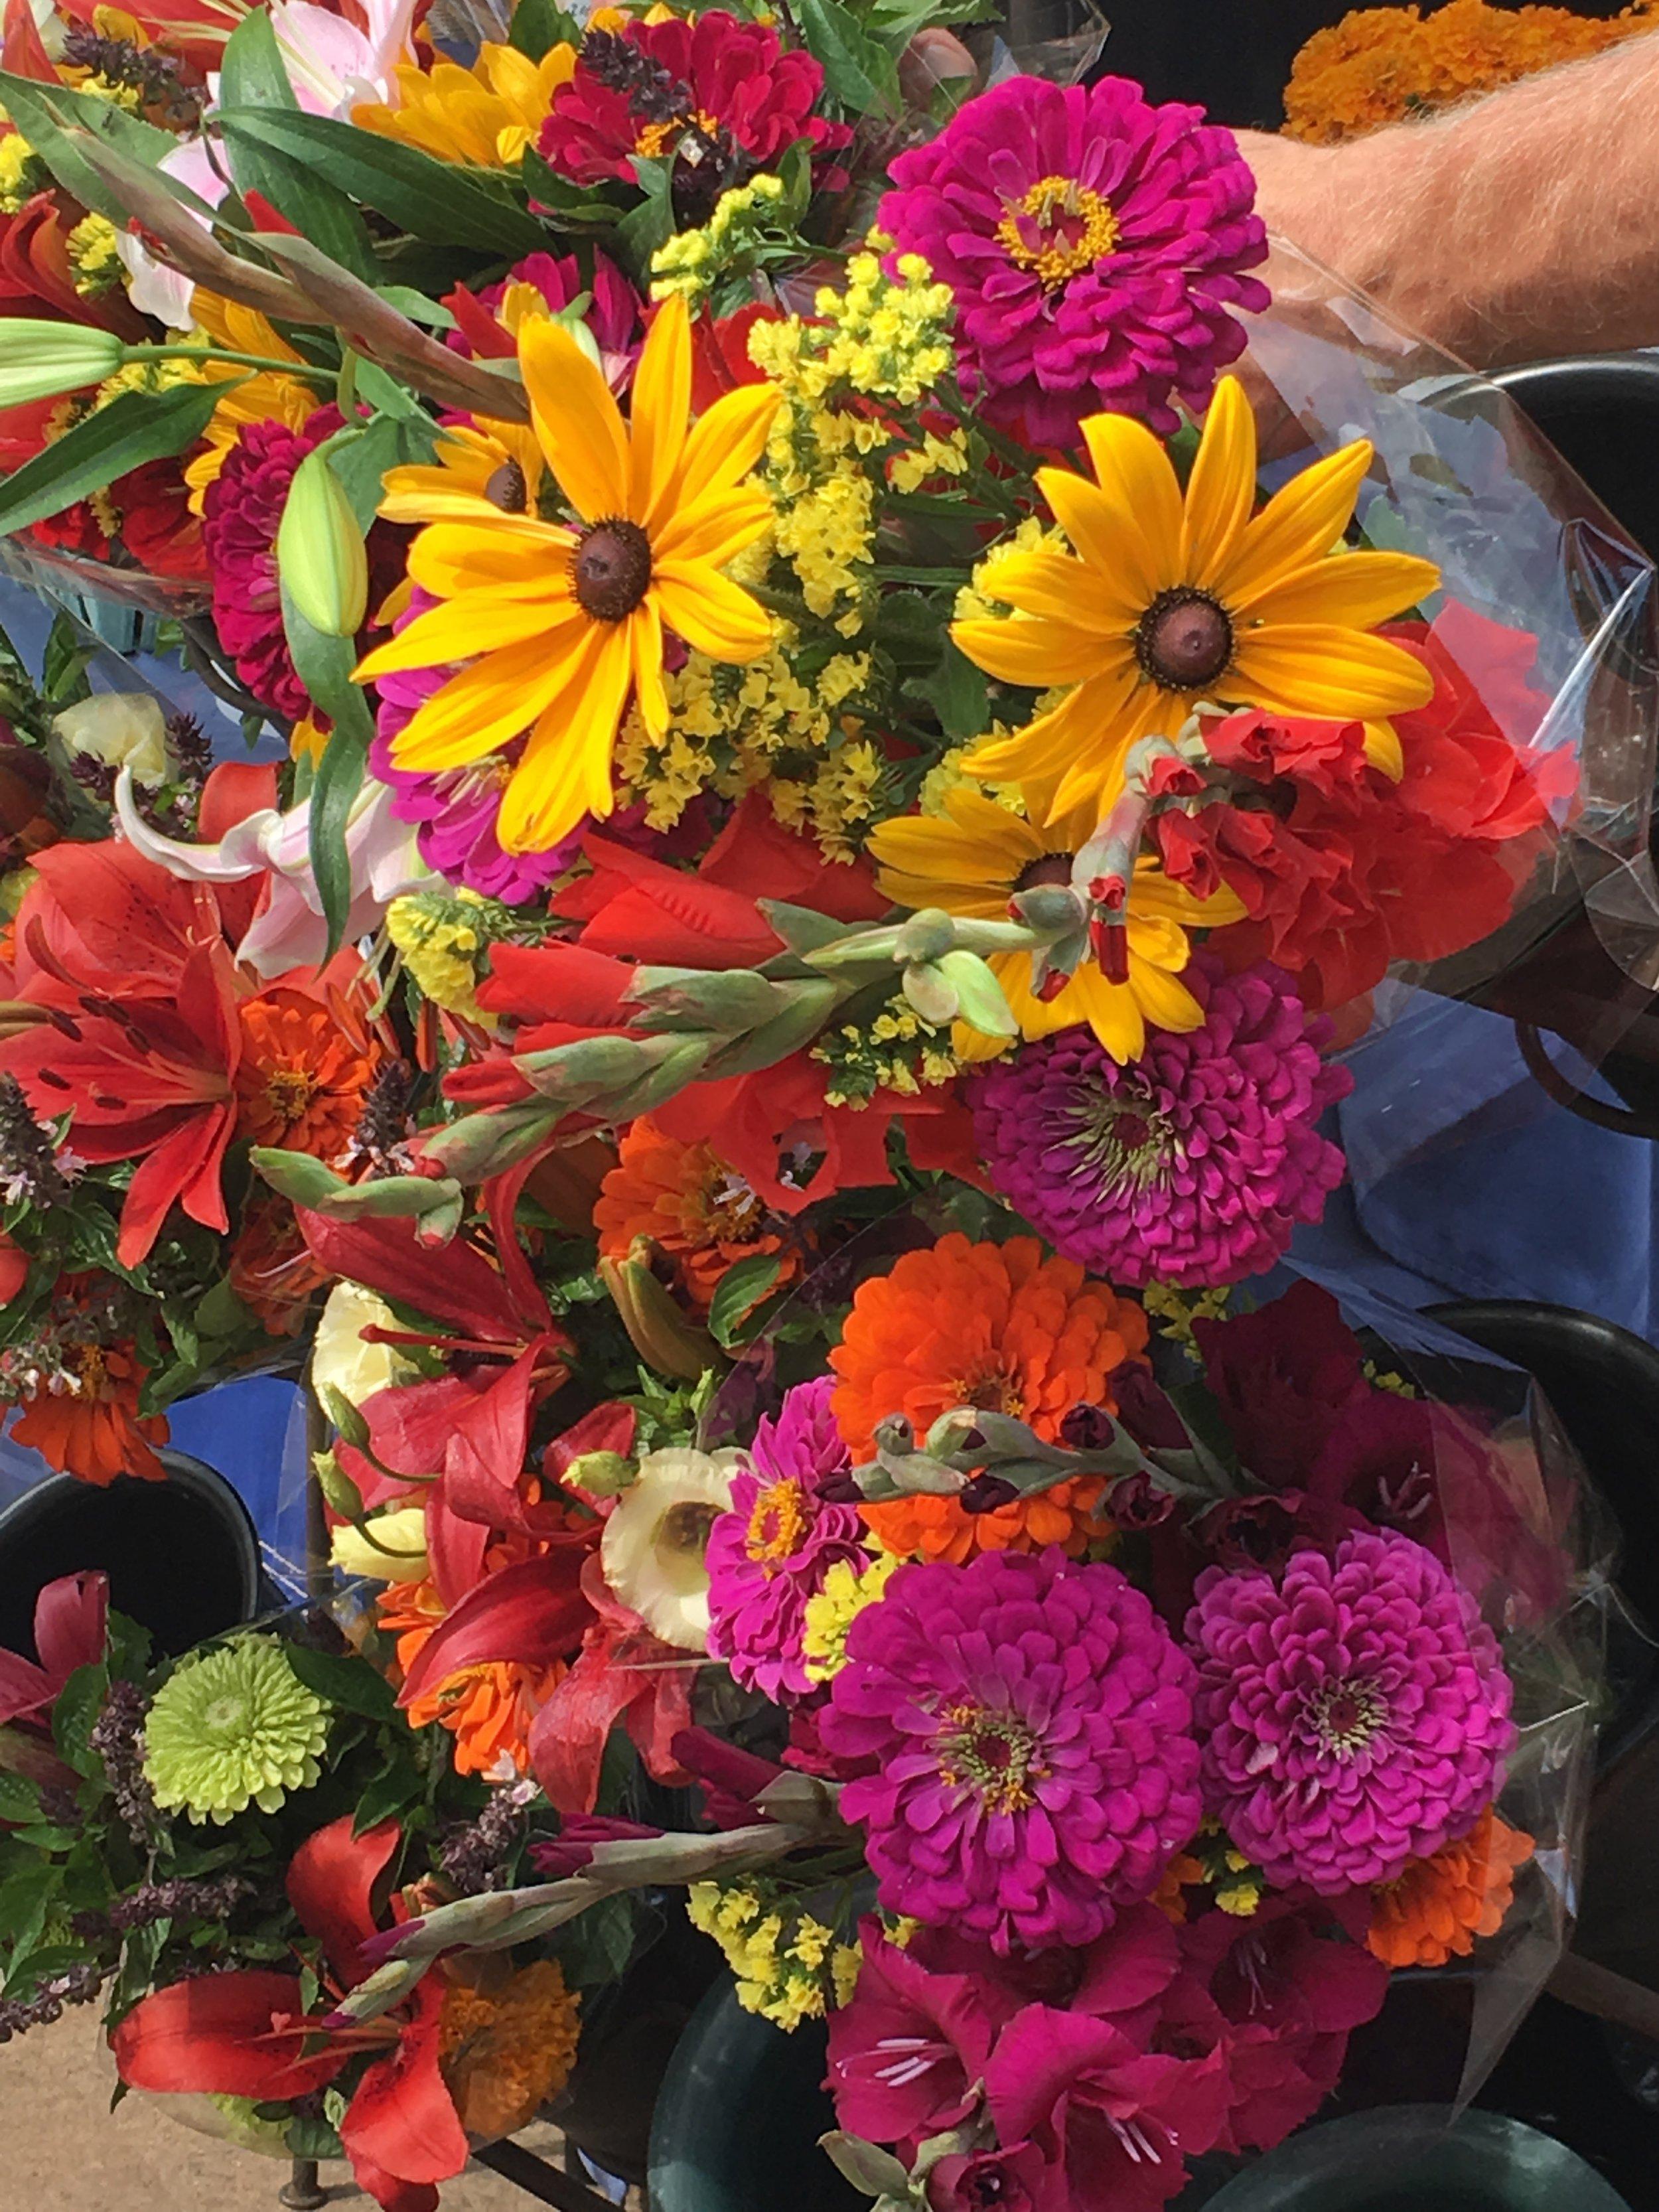 Flowers at Farmers Market Fayetteville AR 2018.jpg